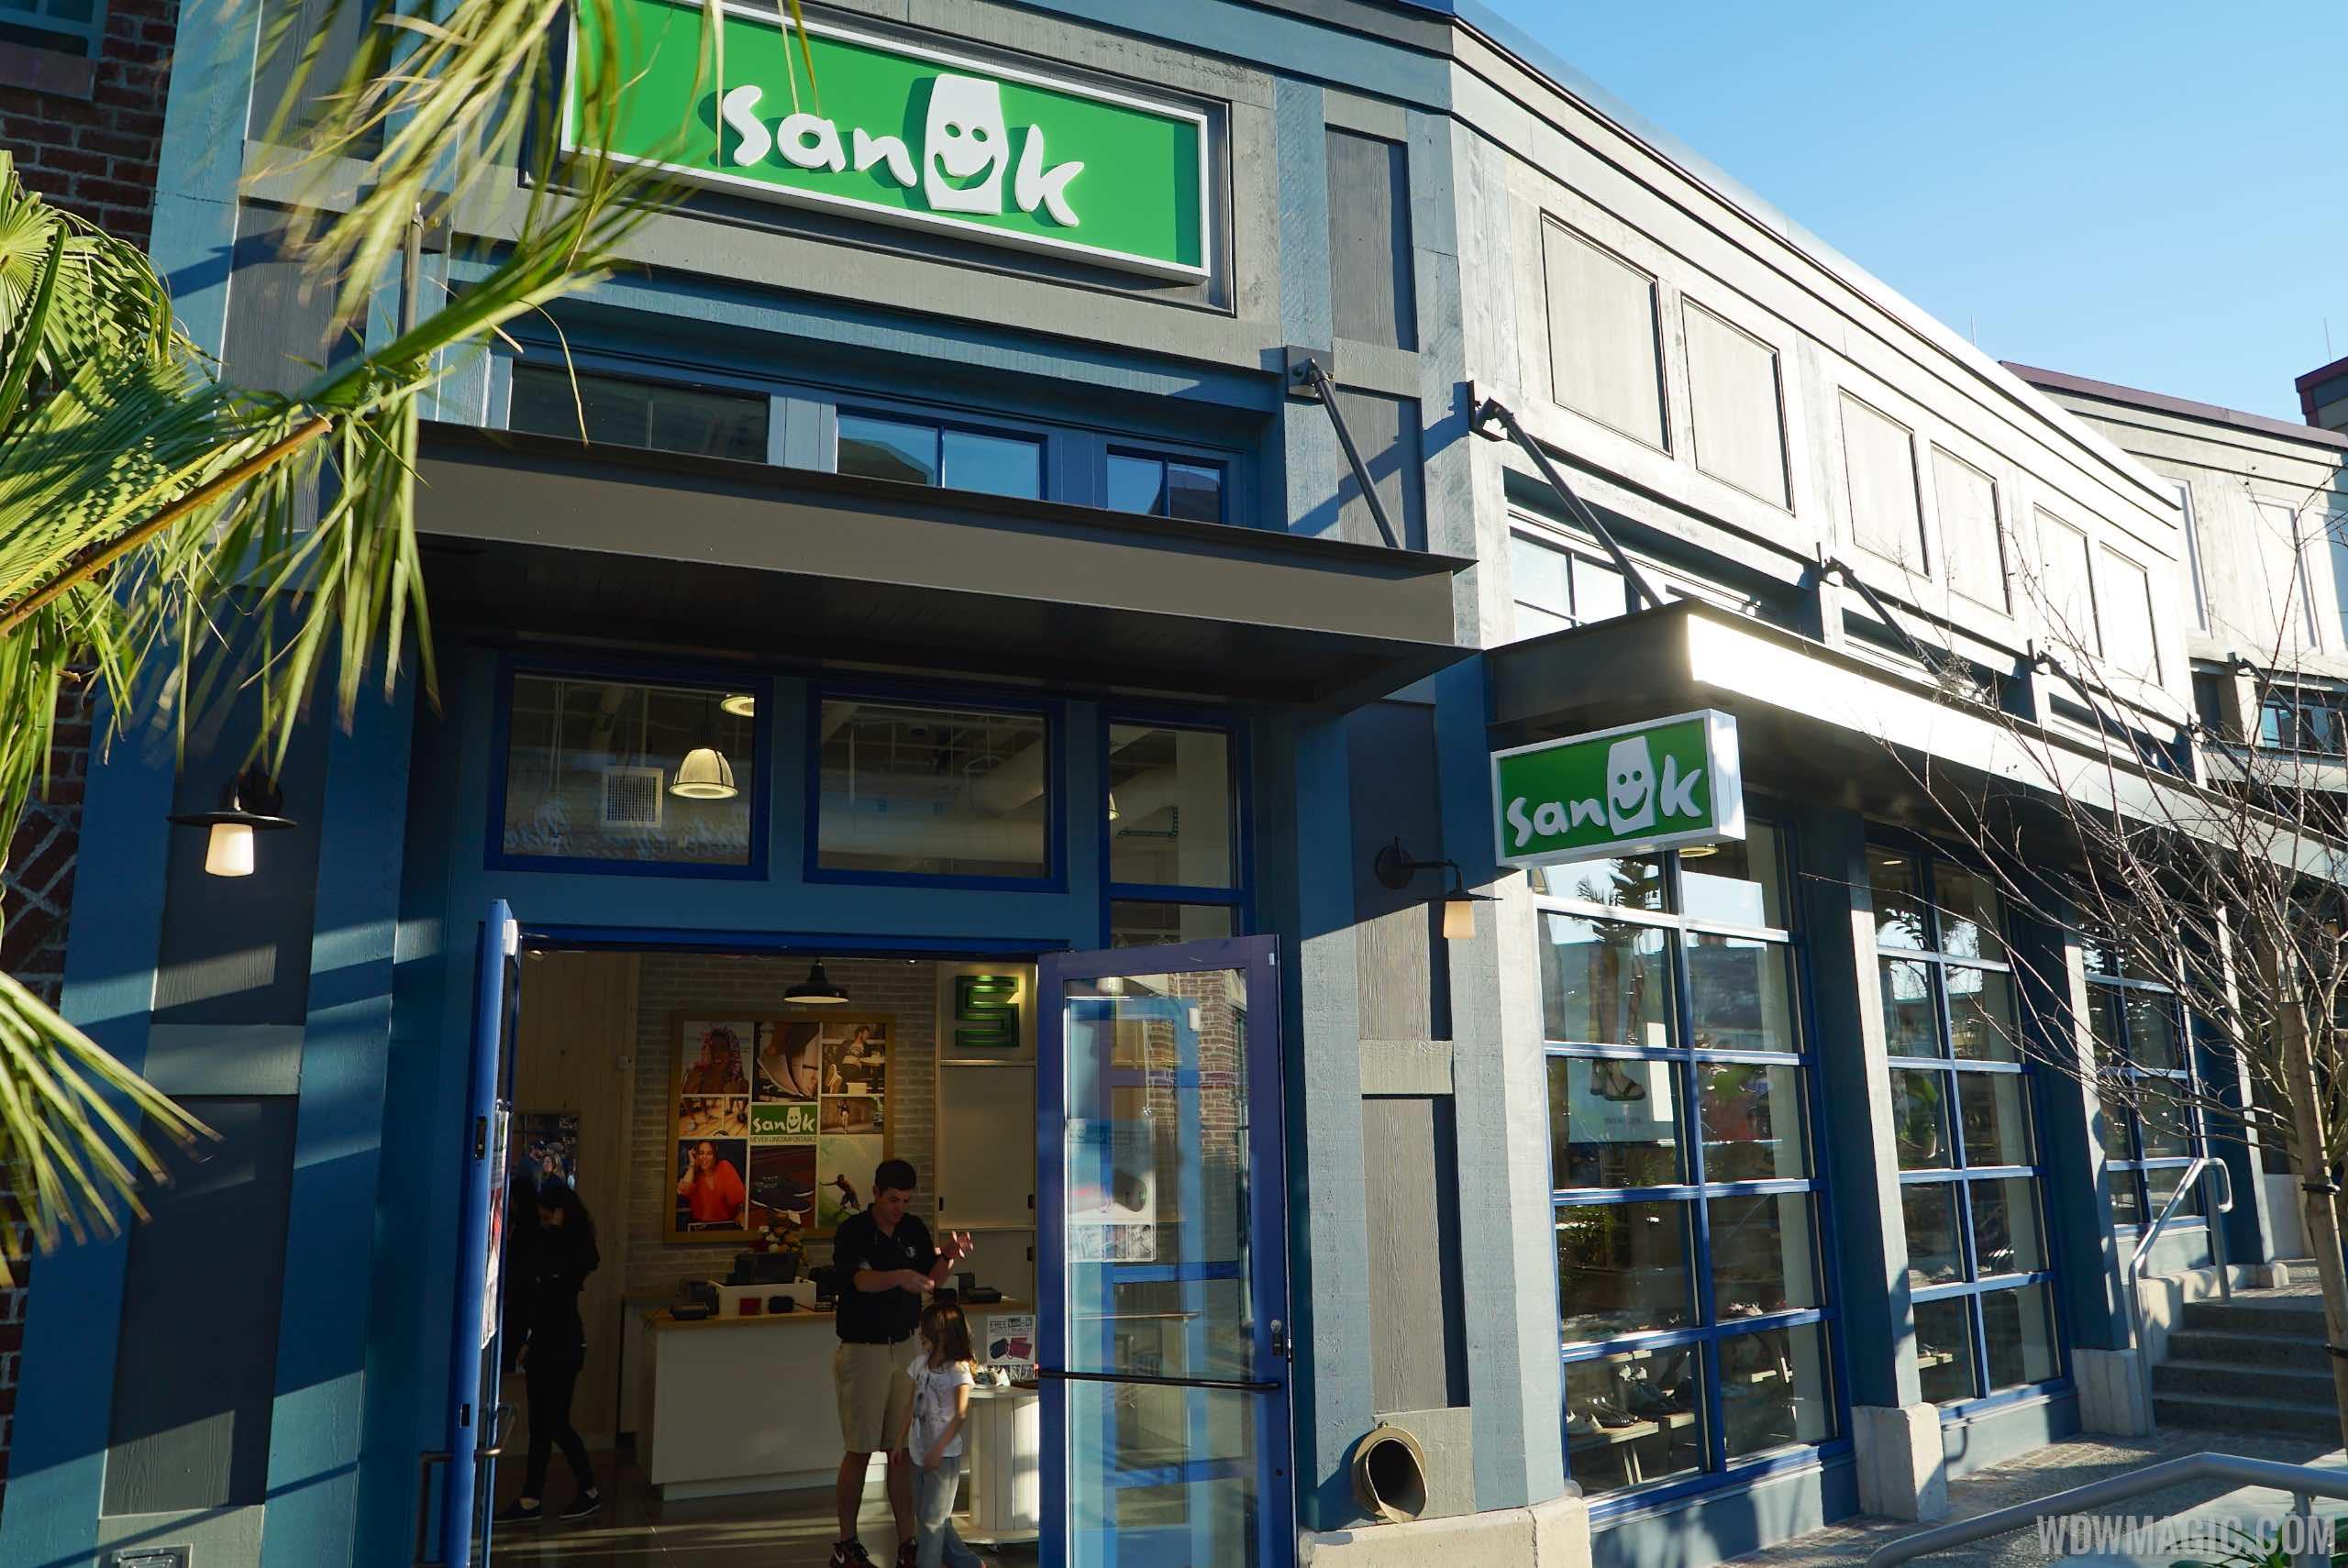 Sanuk - Store front